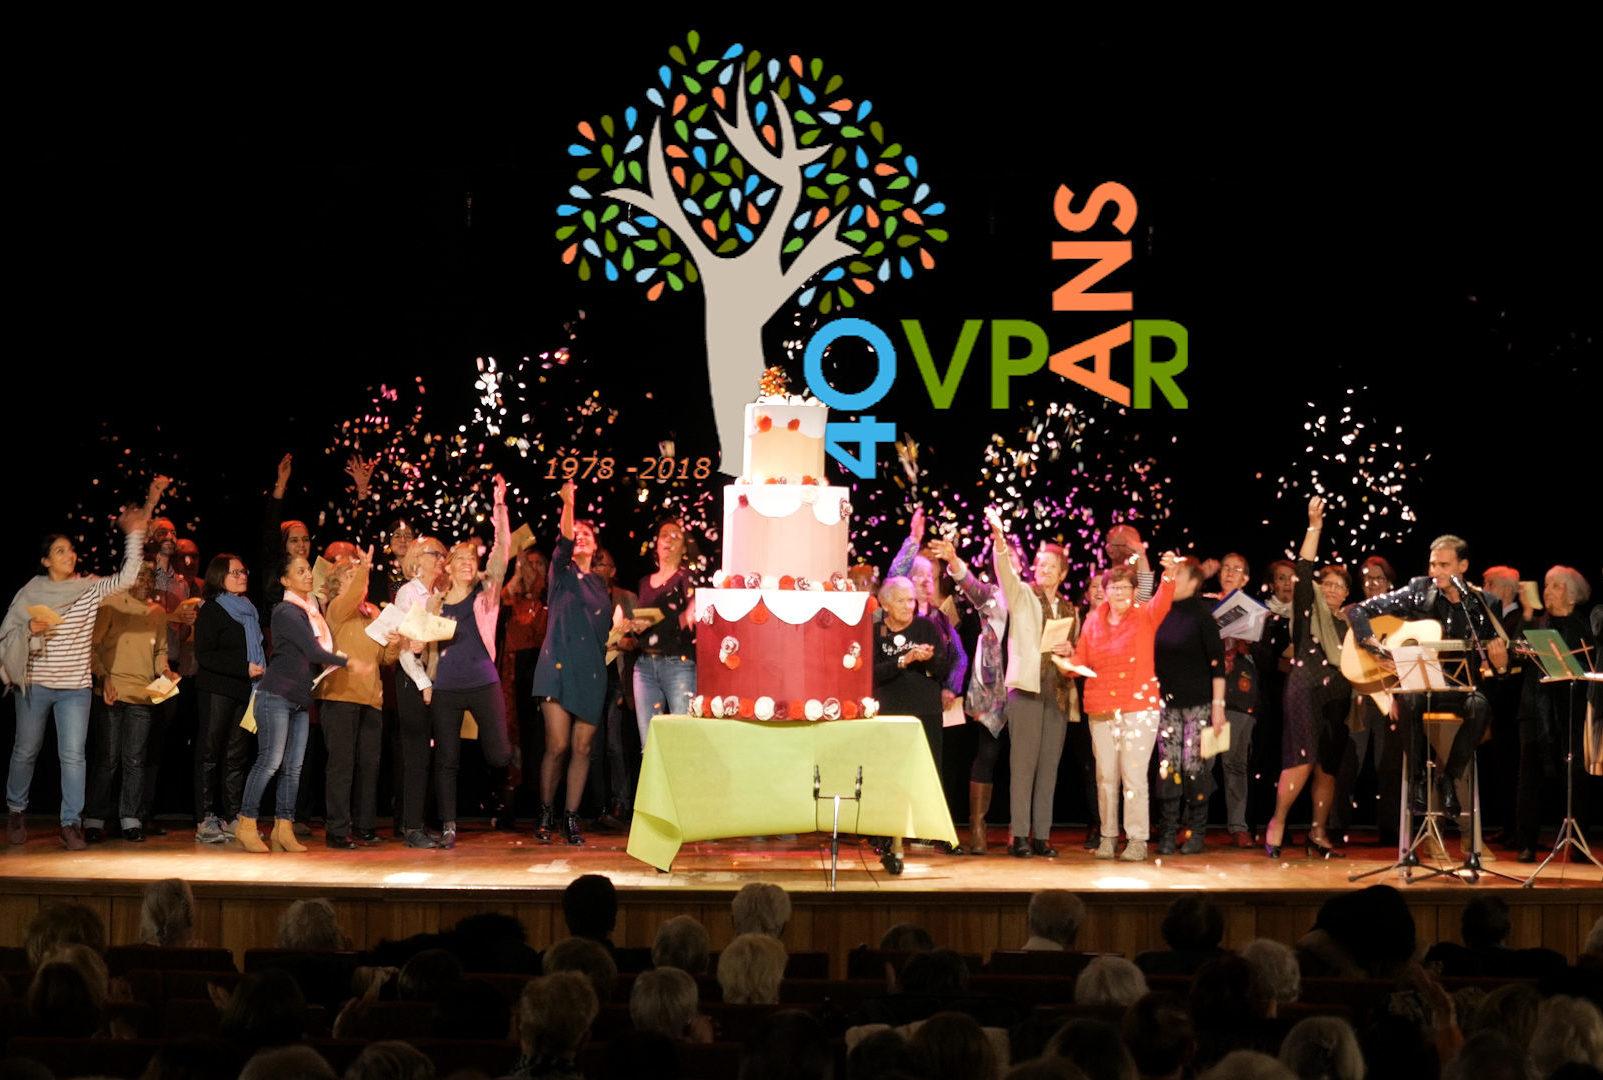 40 ans de l'OVPAR à Villeurbanne